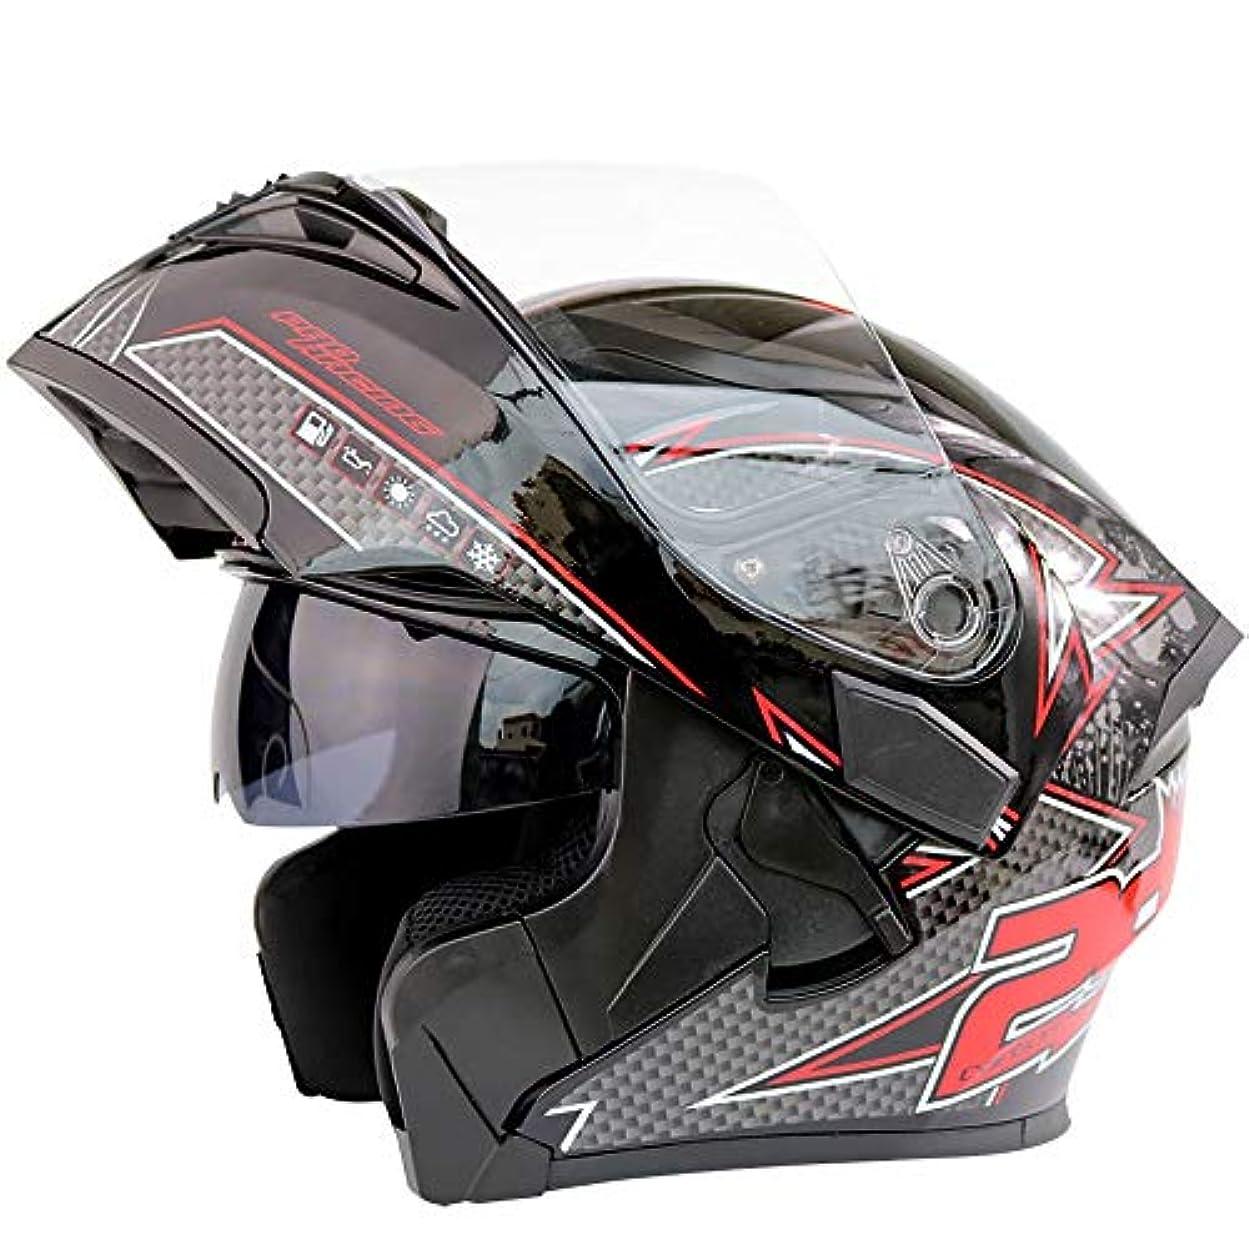 概念闇分泌するHYH オートバイヘルメット/電動バイク/モトクロスヘルメットダブルレンズオープンフェイスライディングオートバイヘルメット黒 - 赤パターン - ABS素材 いい人生 (Size : XL)